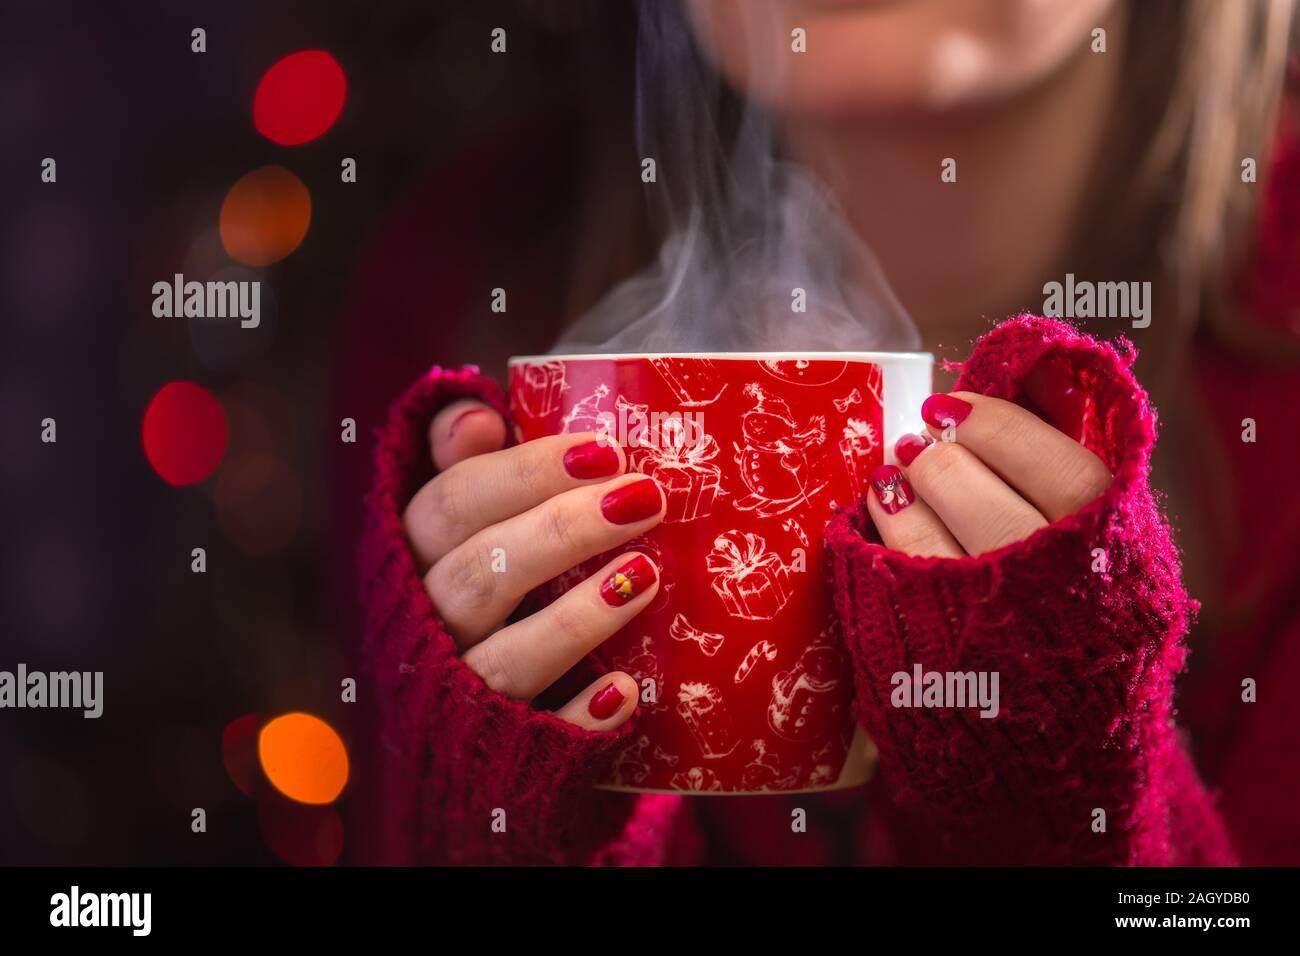 Détail de femme mains tenant une tasse de thé chaud à la vapeur. Noël arrière-plan flou. Concept d'hiver ou de noël. Banque D'Images